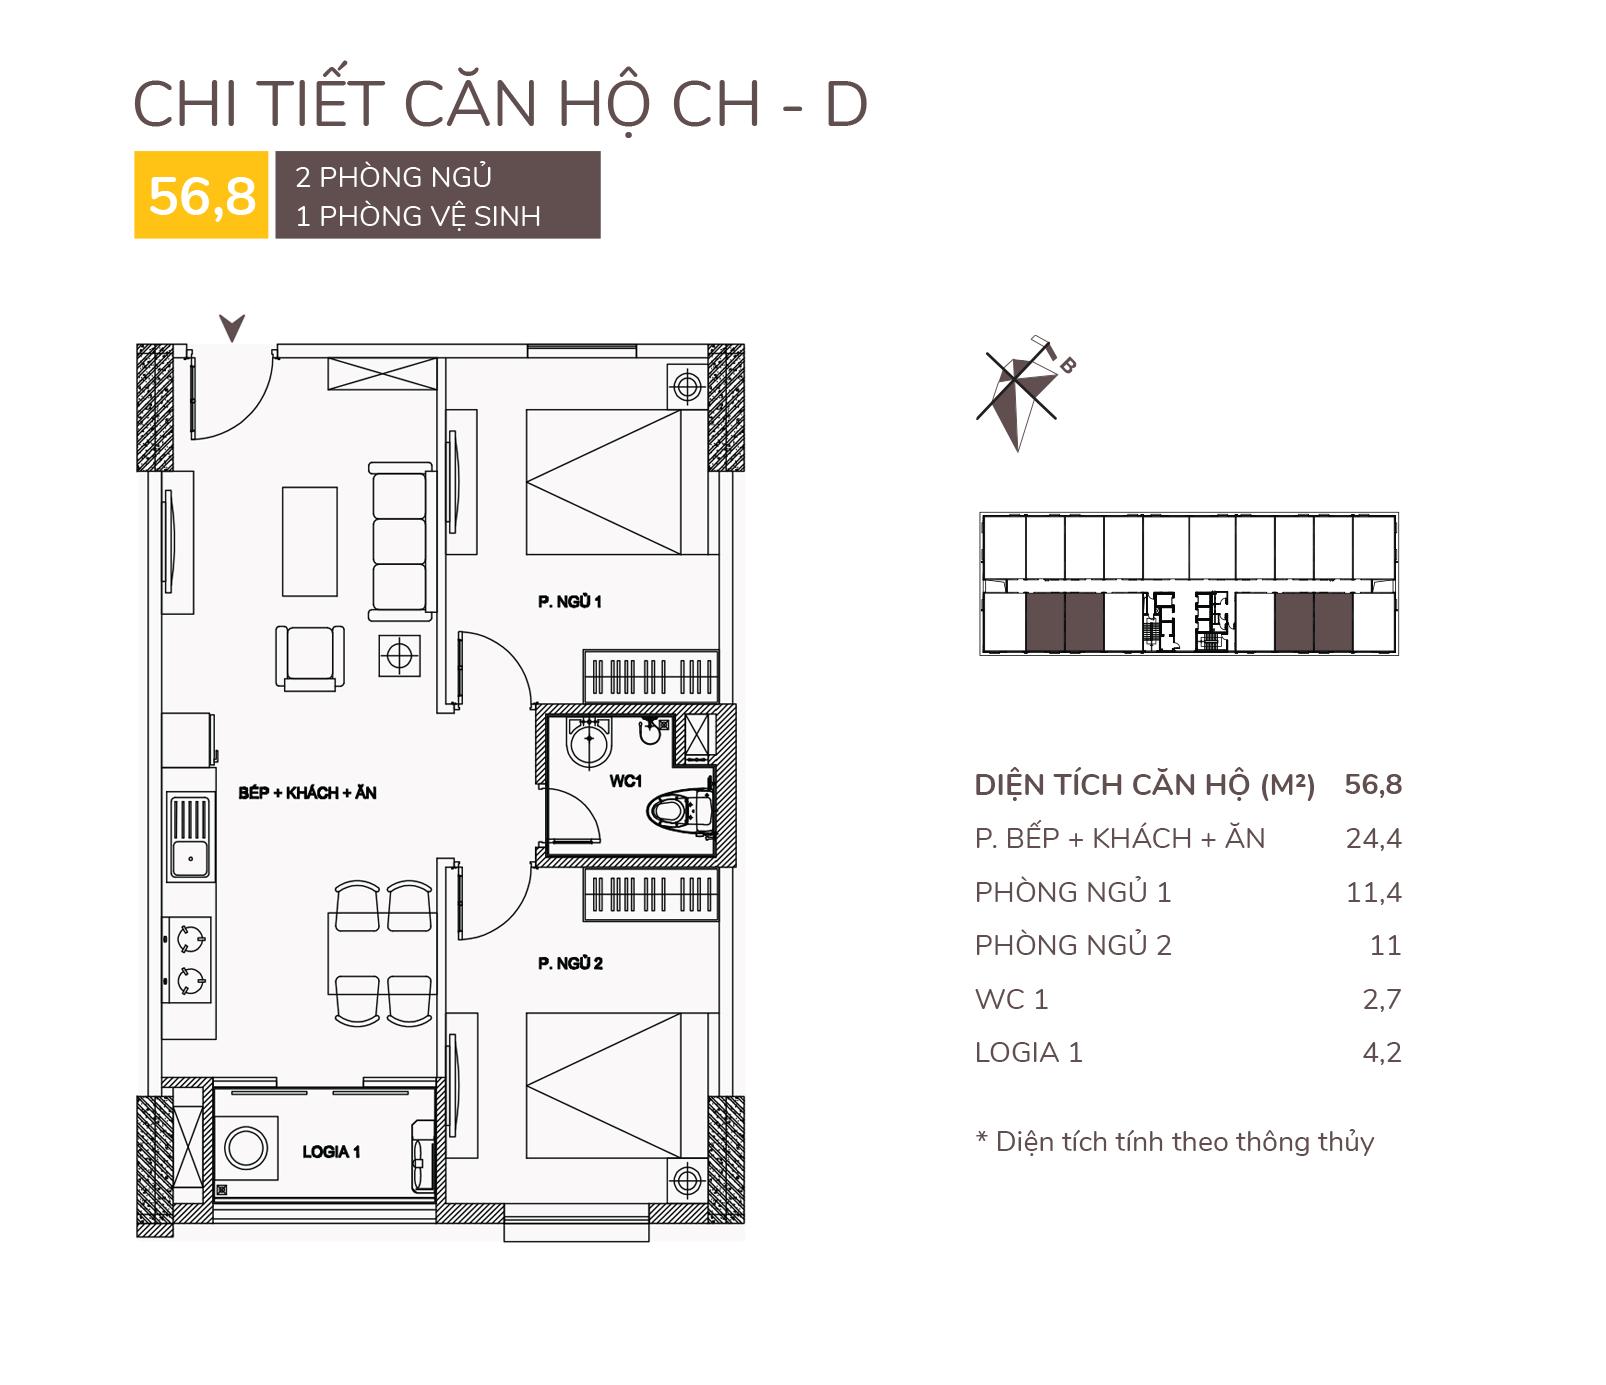 Chi tiết căn hộ CH - D